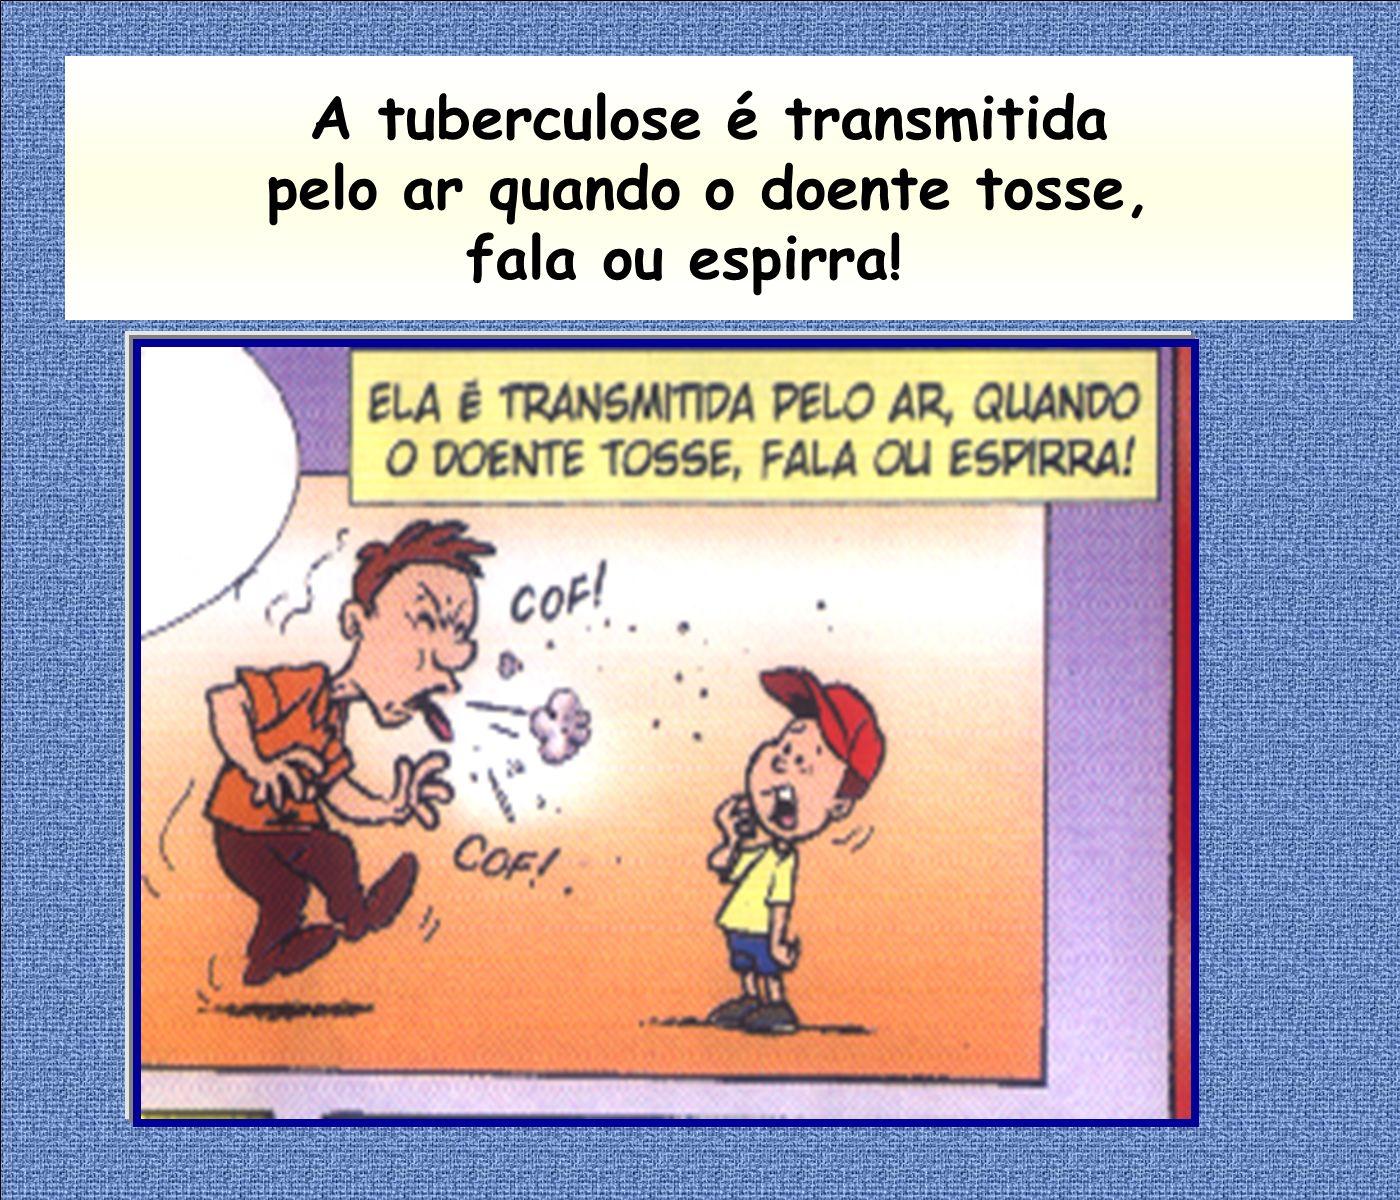 Nem todas as pessoas adoecem de tuberculose. Depende da resistência do organismo.